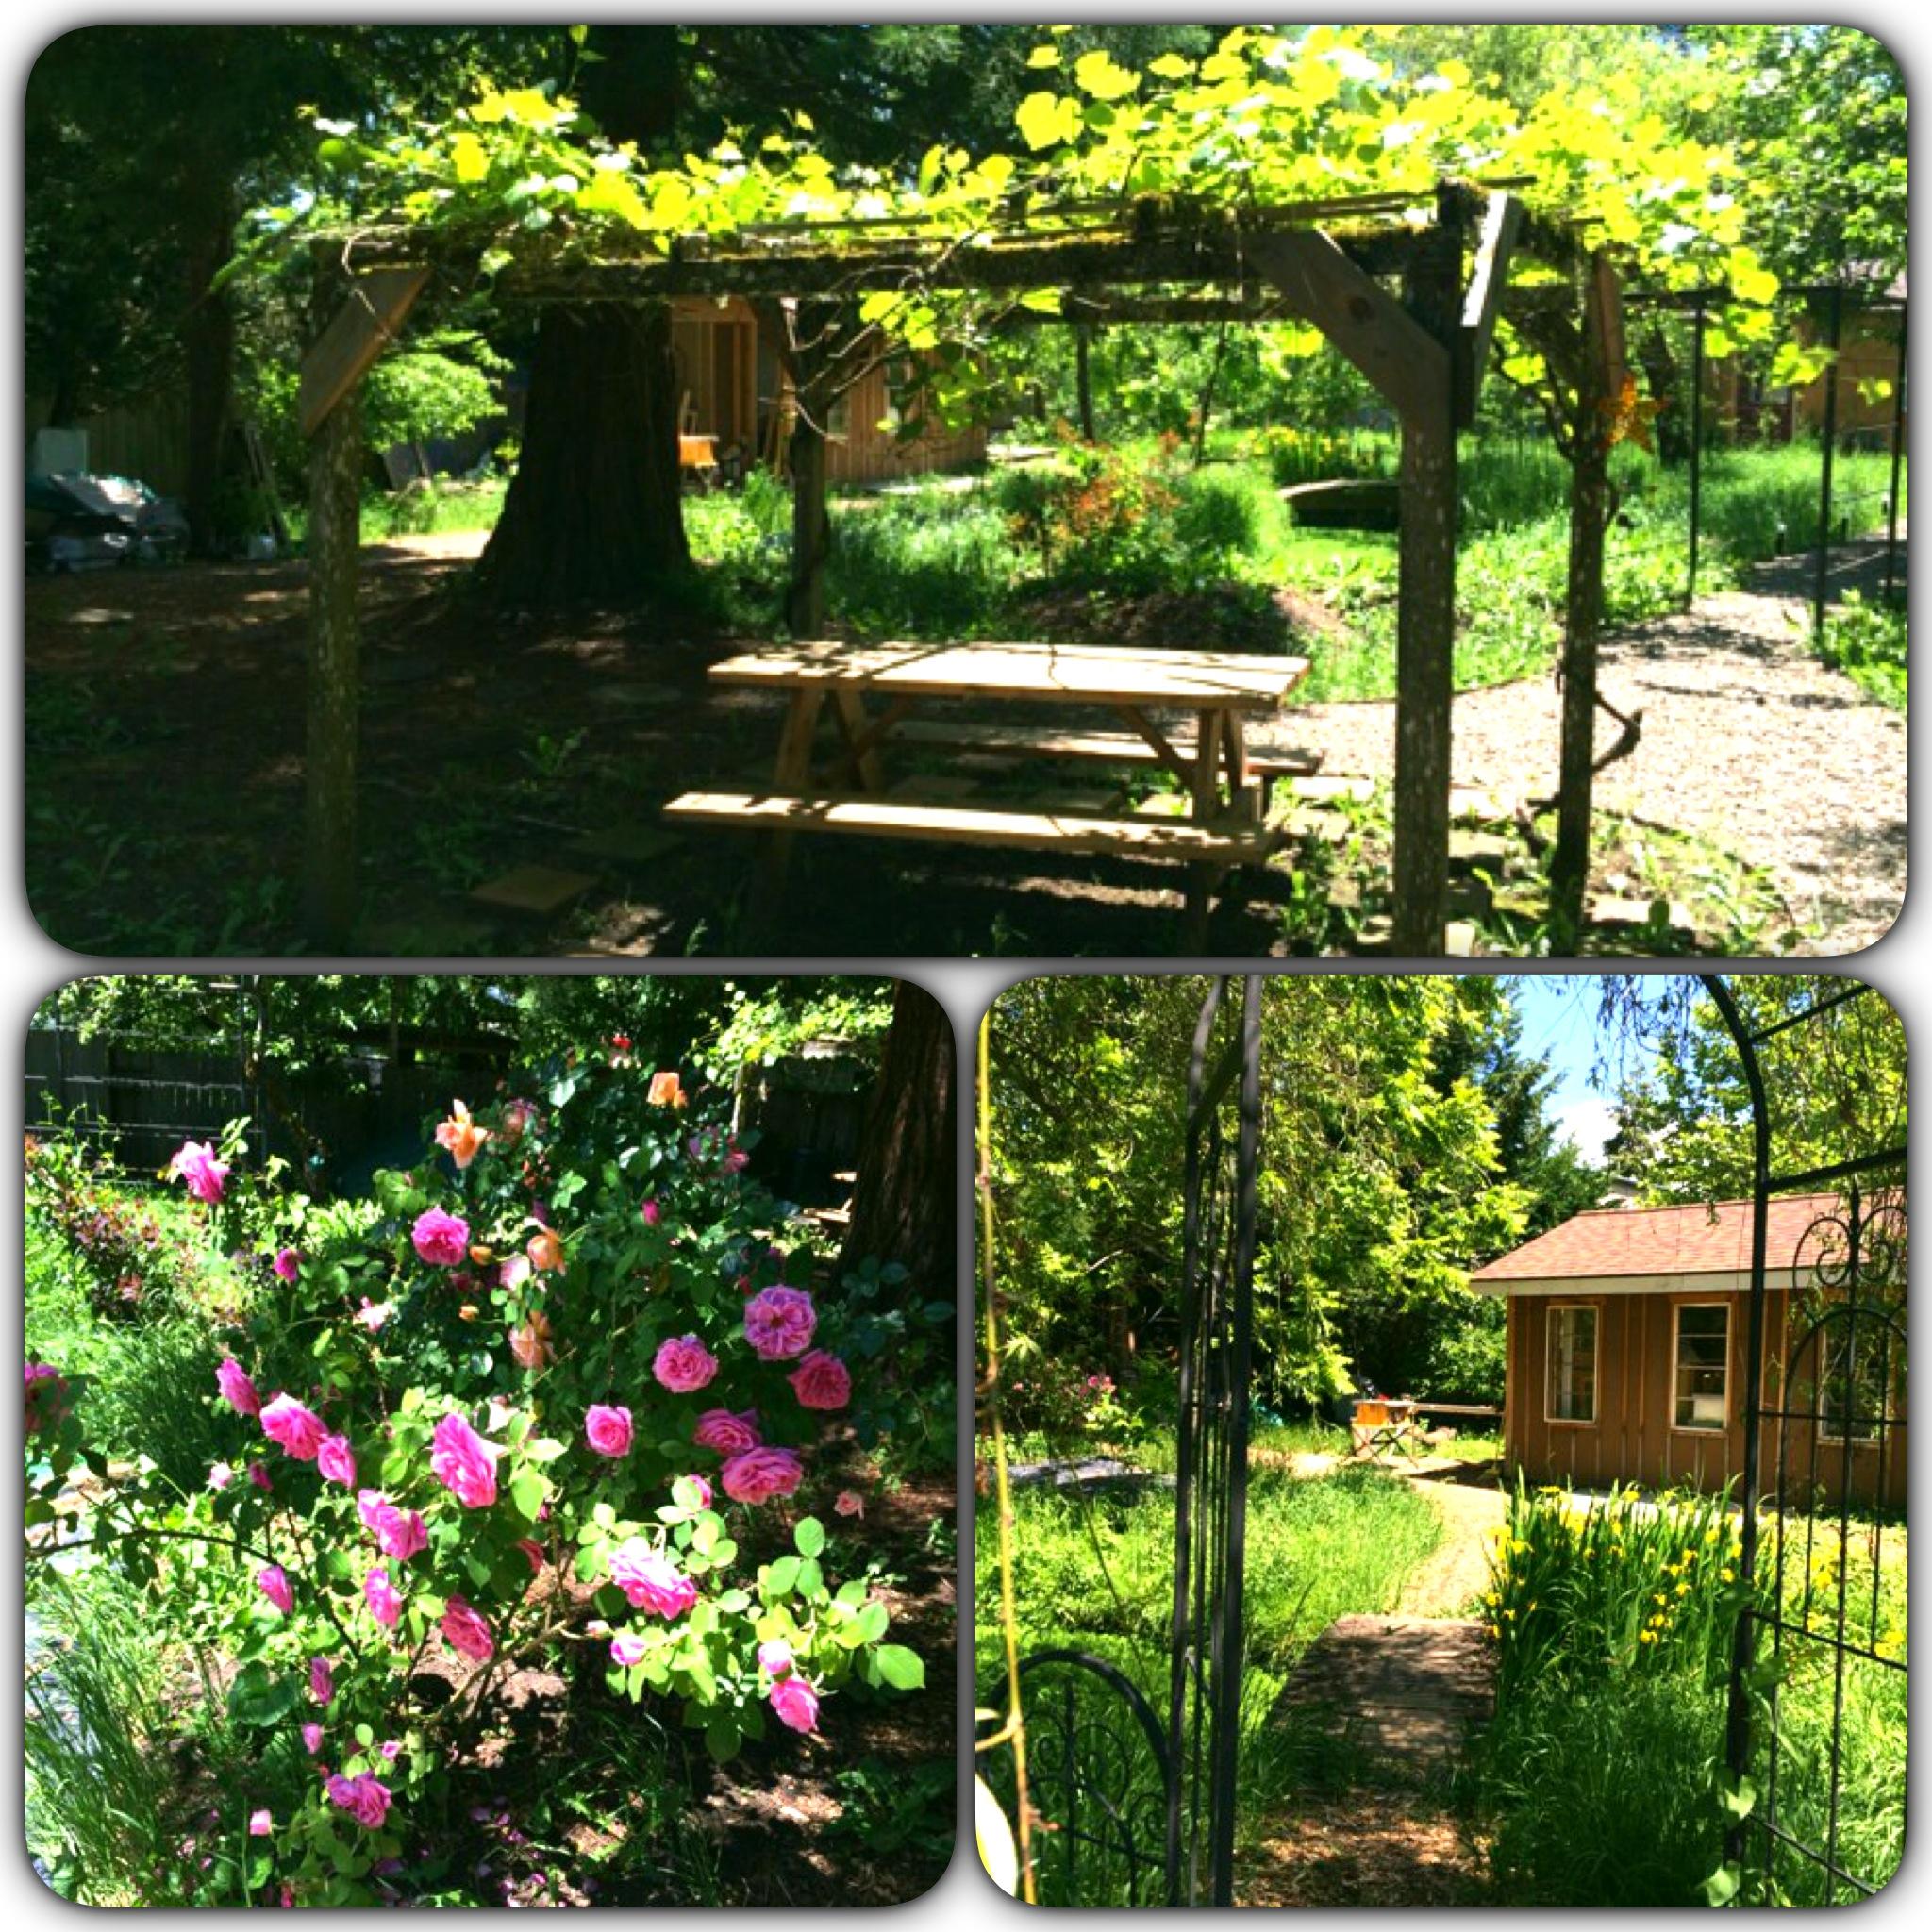 Roundhouse backyard